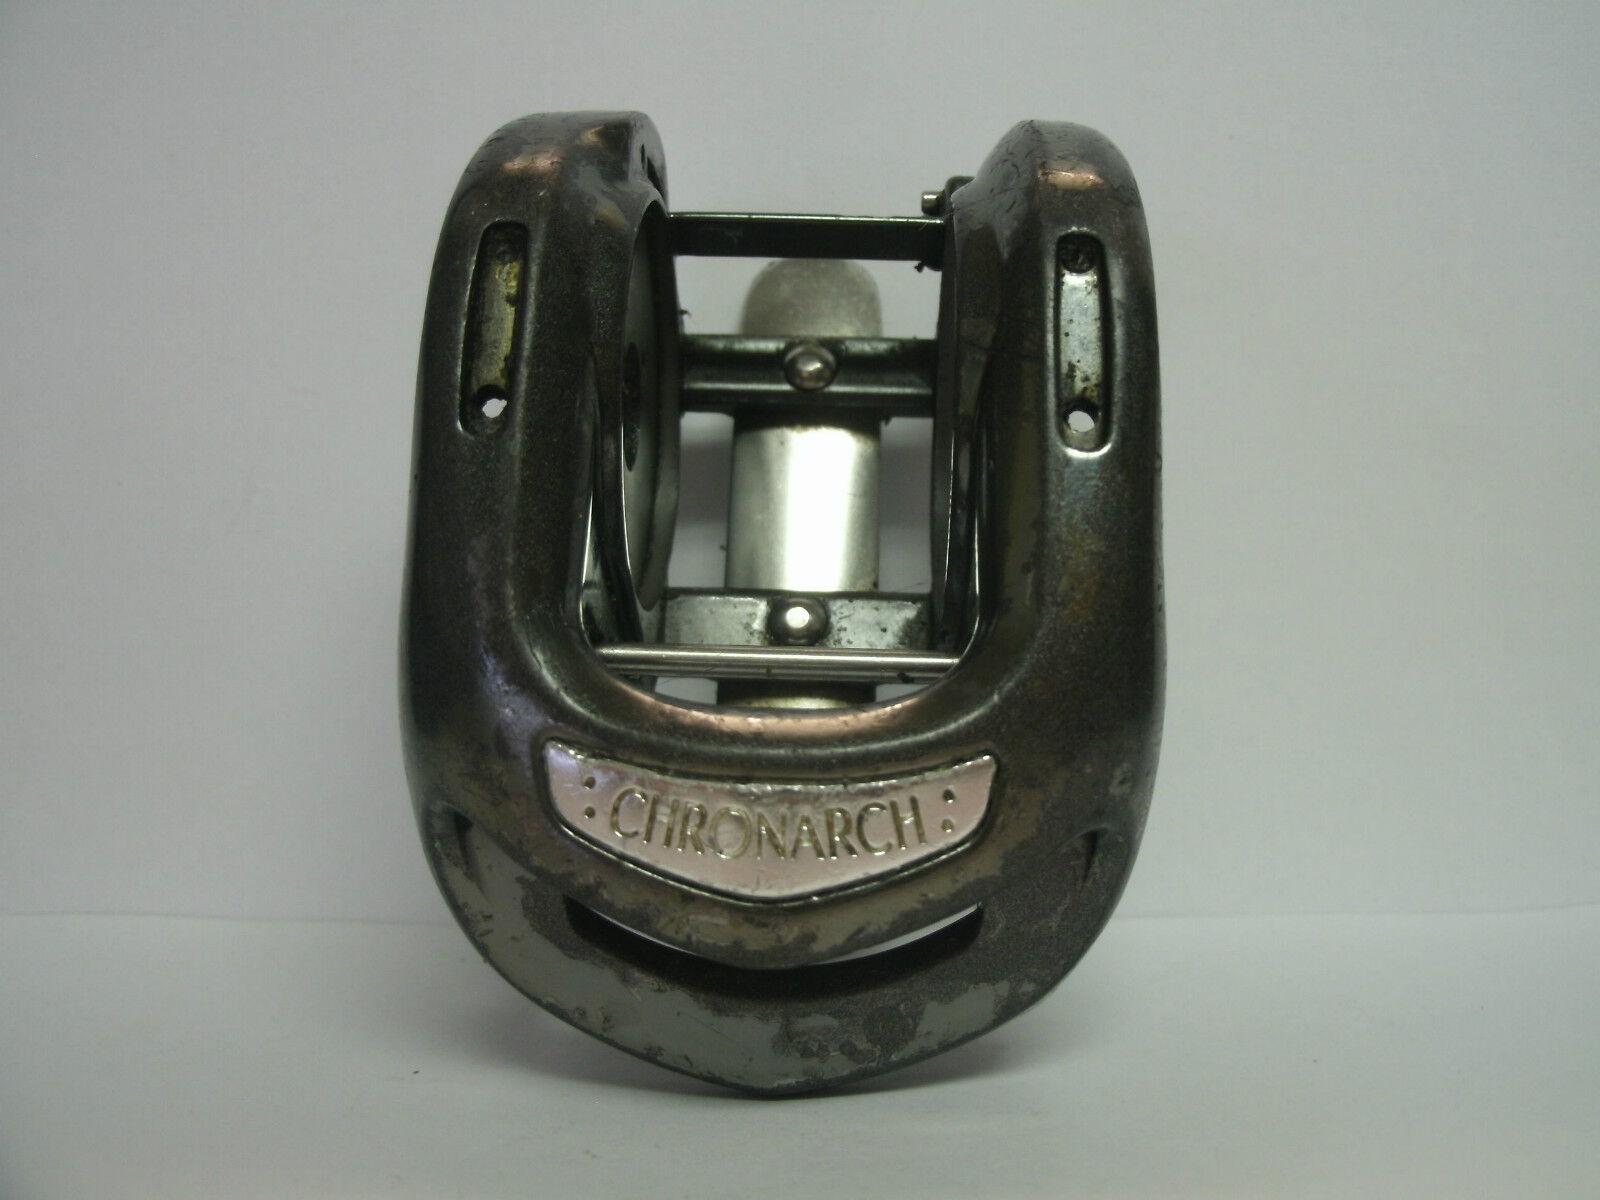 Utilizado Shimano Baitcasting Reel parte-Chronarch Ch  100 B-marco Asamblea-Lote 1  clásico atemporal